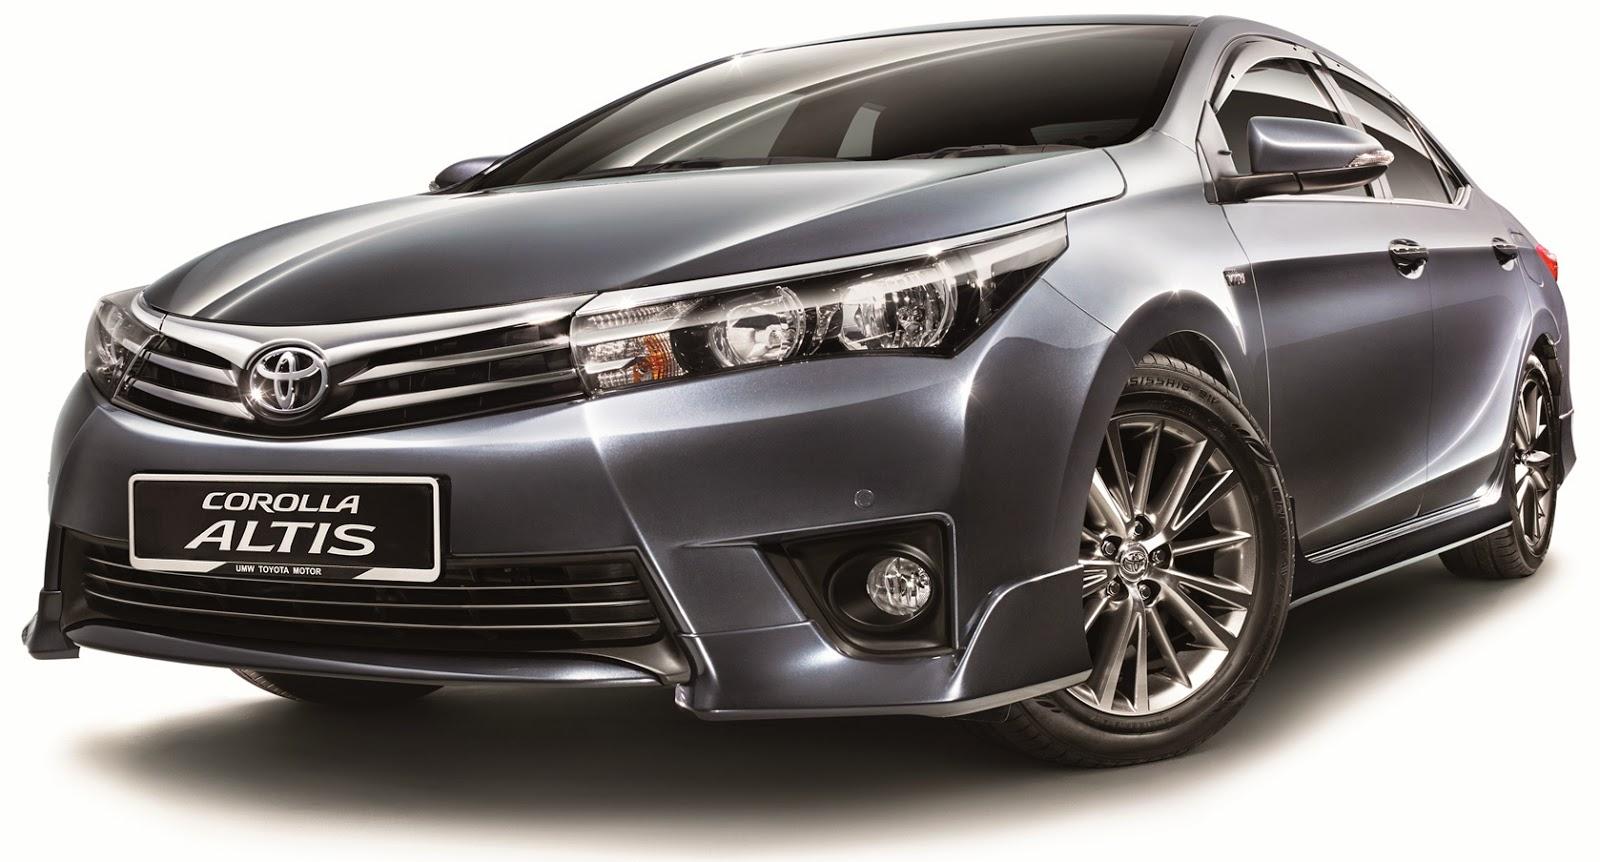 Toyota Corolla Altis 2015 là phiên bản mới nhất của dòng xe Corolla Altis